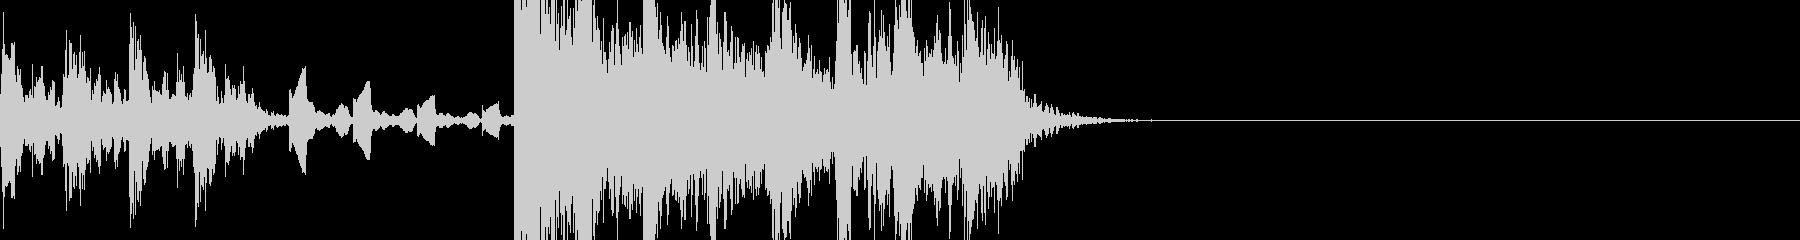 ドロドロドロからボーンインパクトジングルの未再生の波形